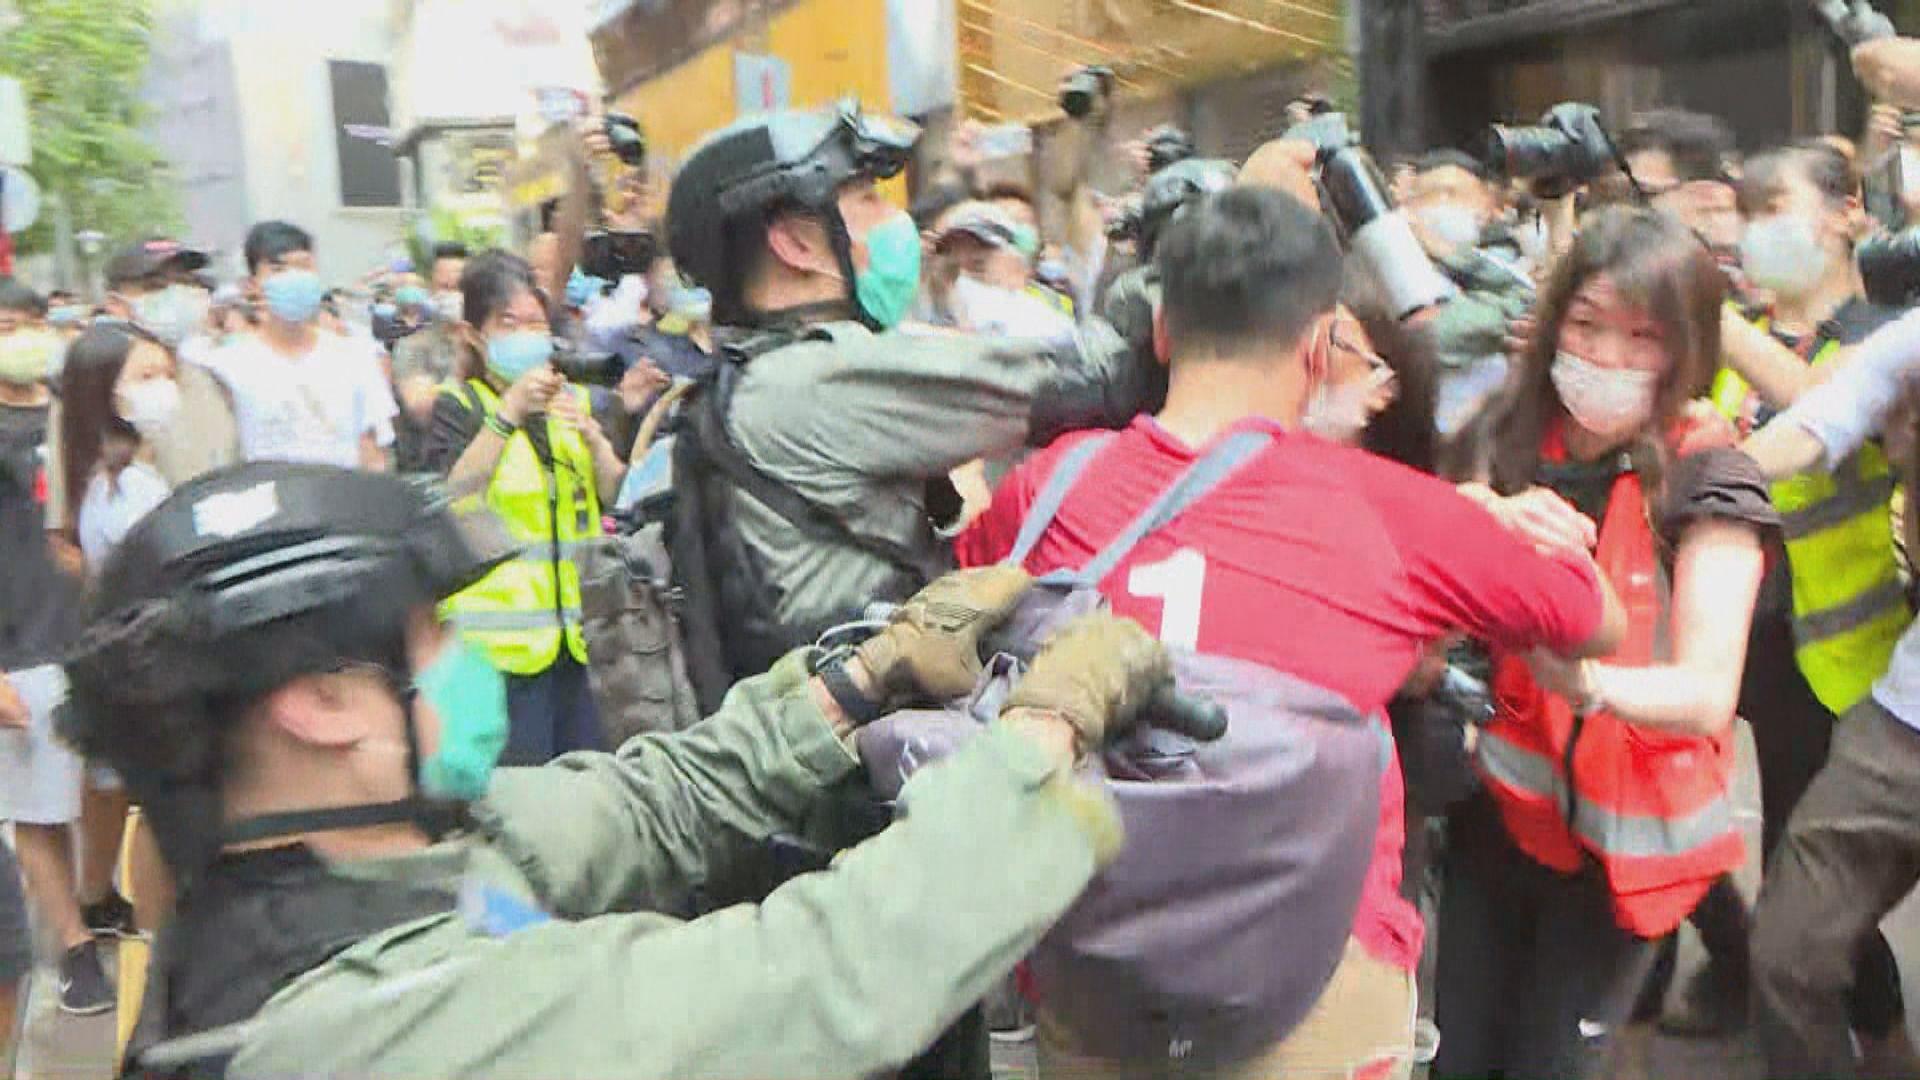 多區下午有人群聚集 警強行拉走北區教會陳凱興